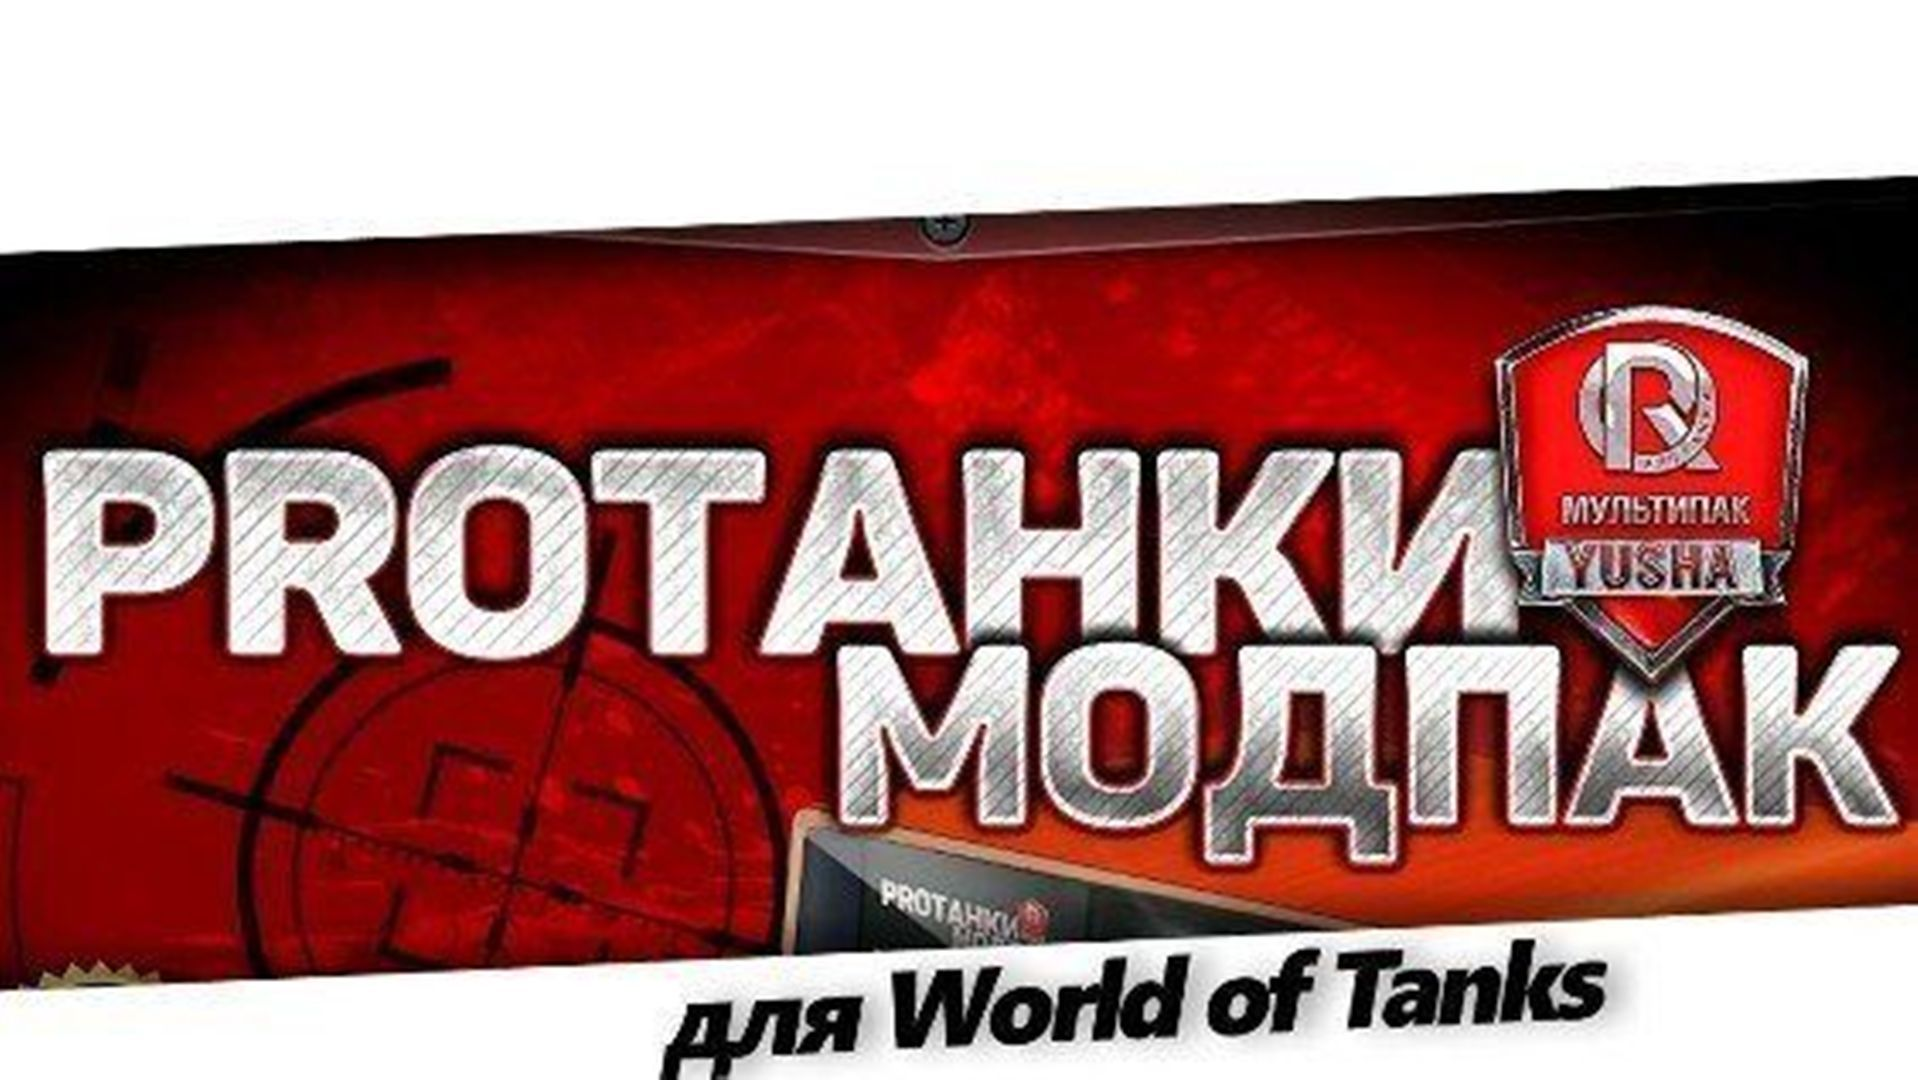 Моды от ПроТанки для World of Tanks  расширенная и базовая версия